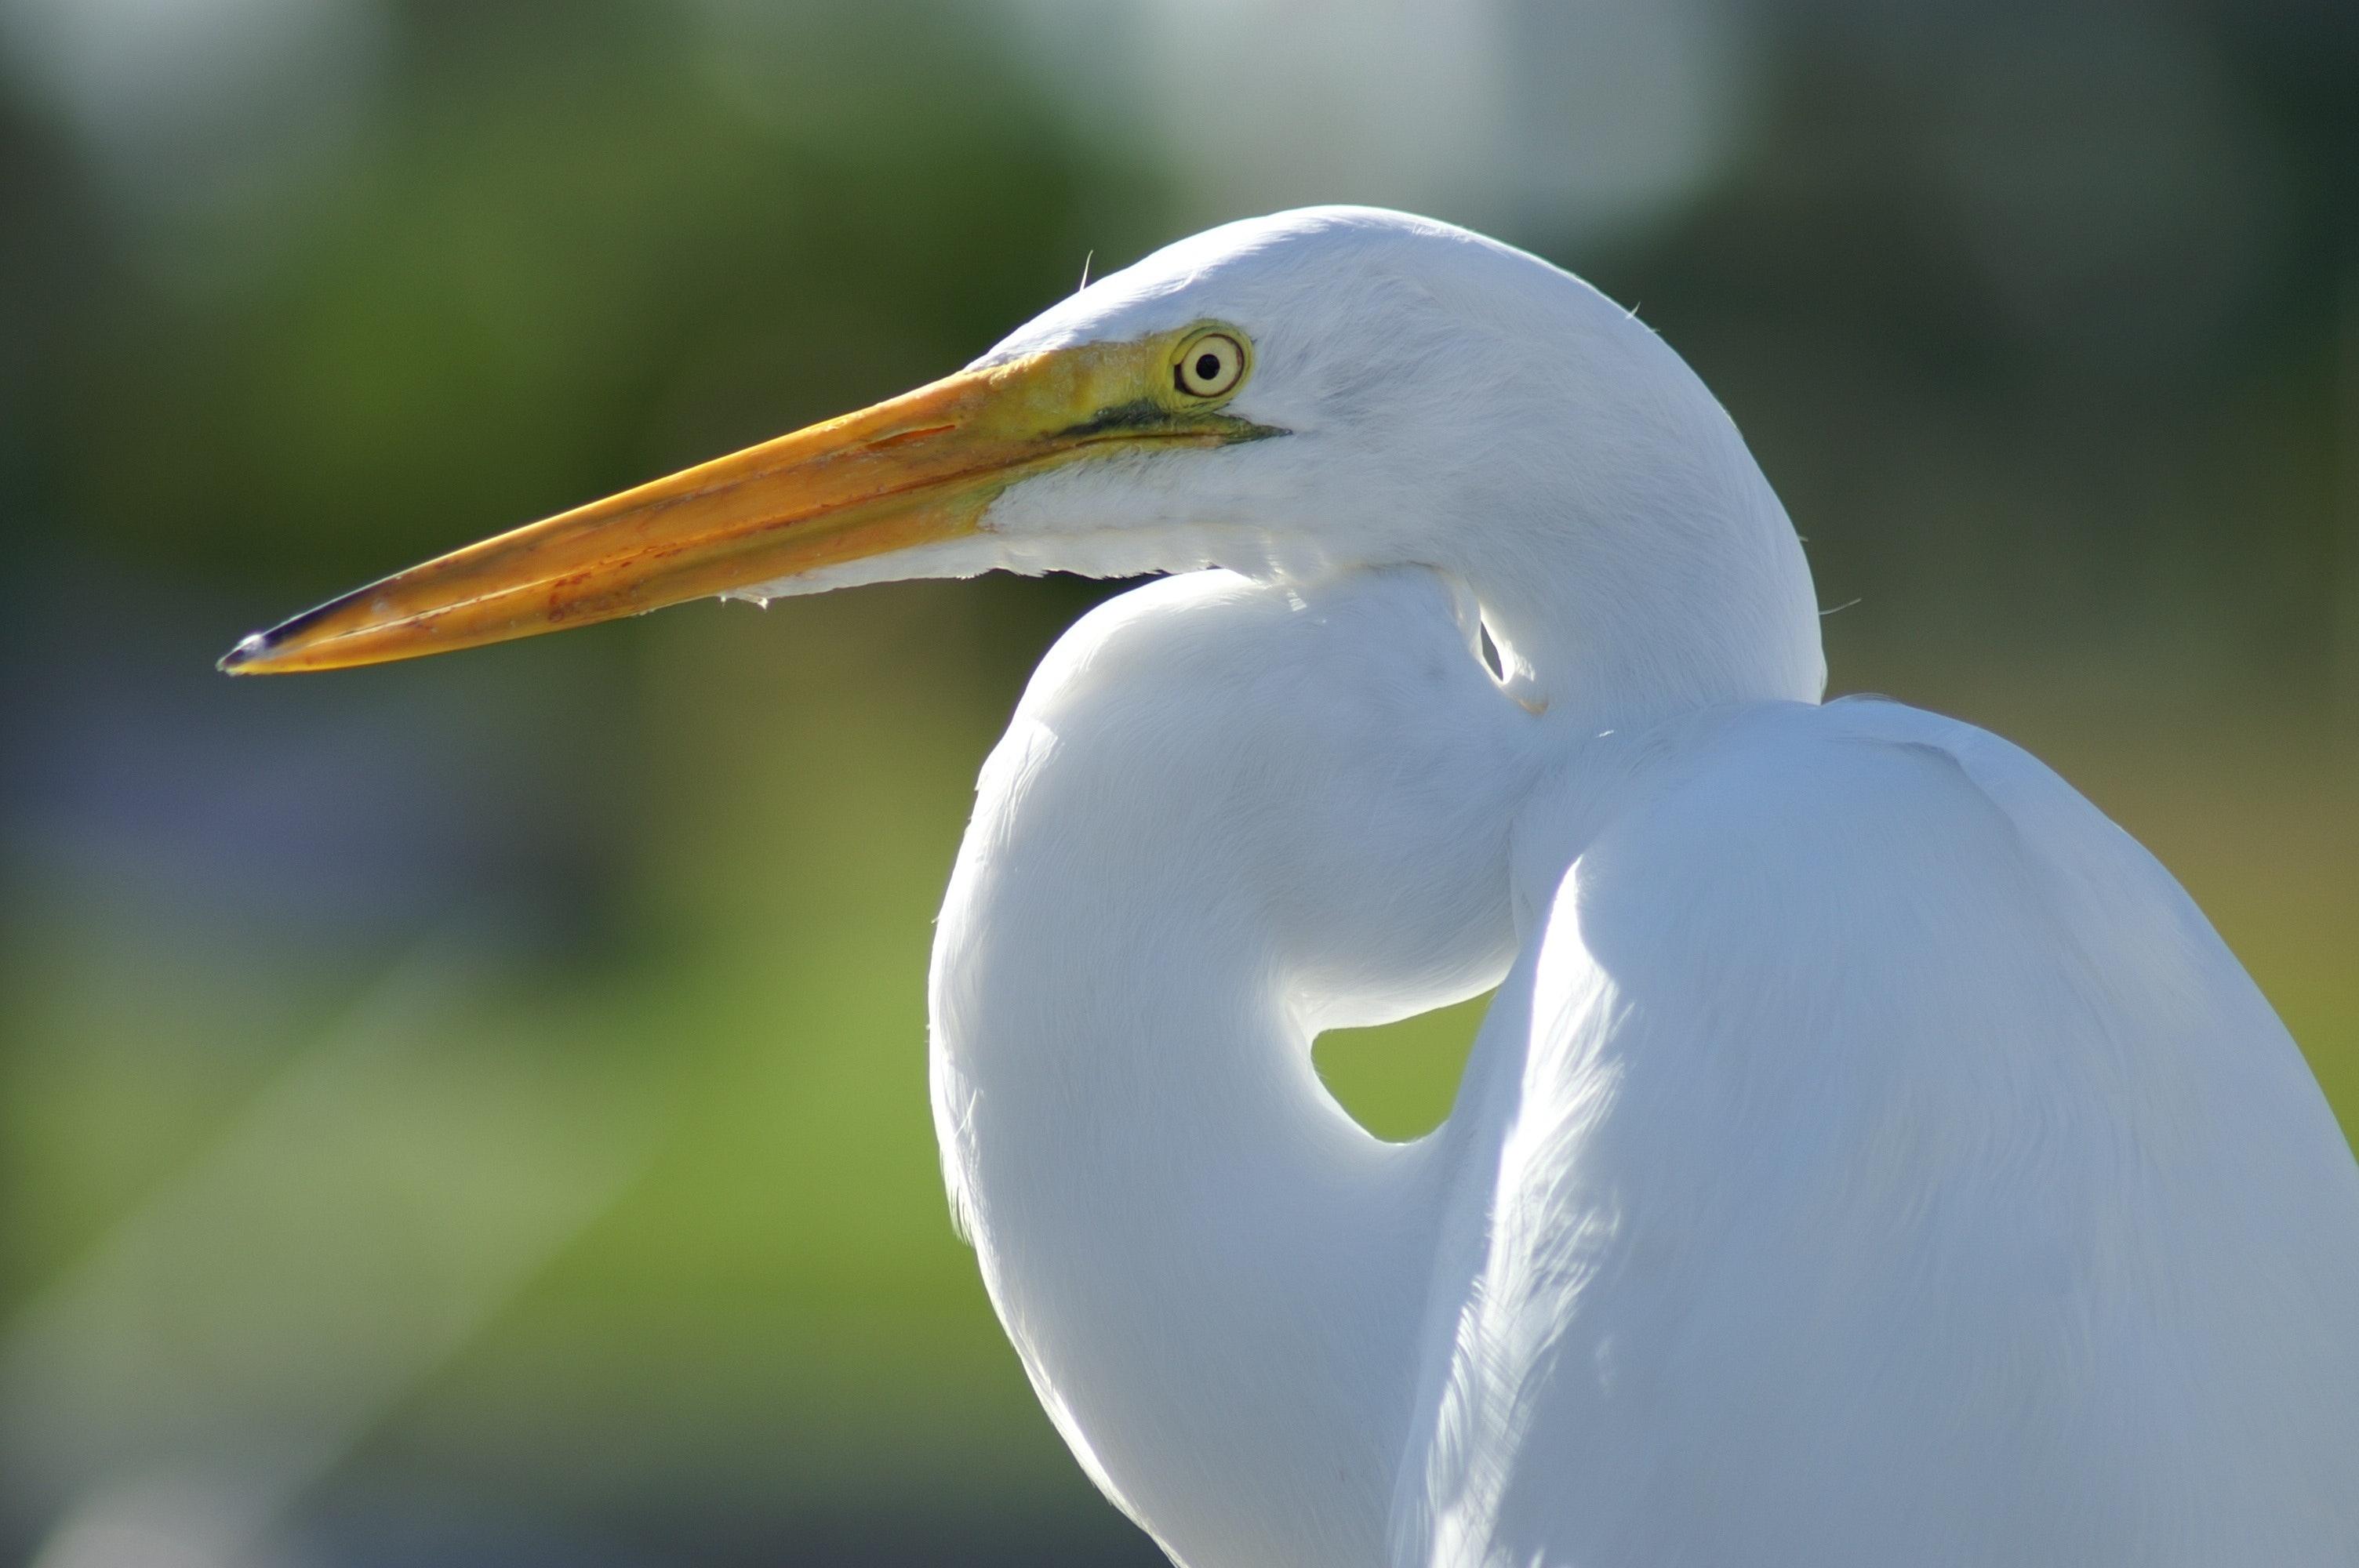 White Crane Bird, Animal, Avian, Beak, Bird, HQ Photo